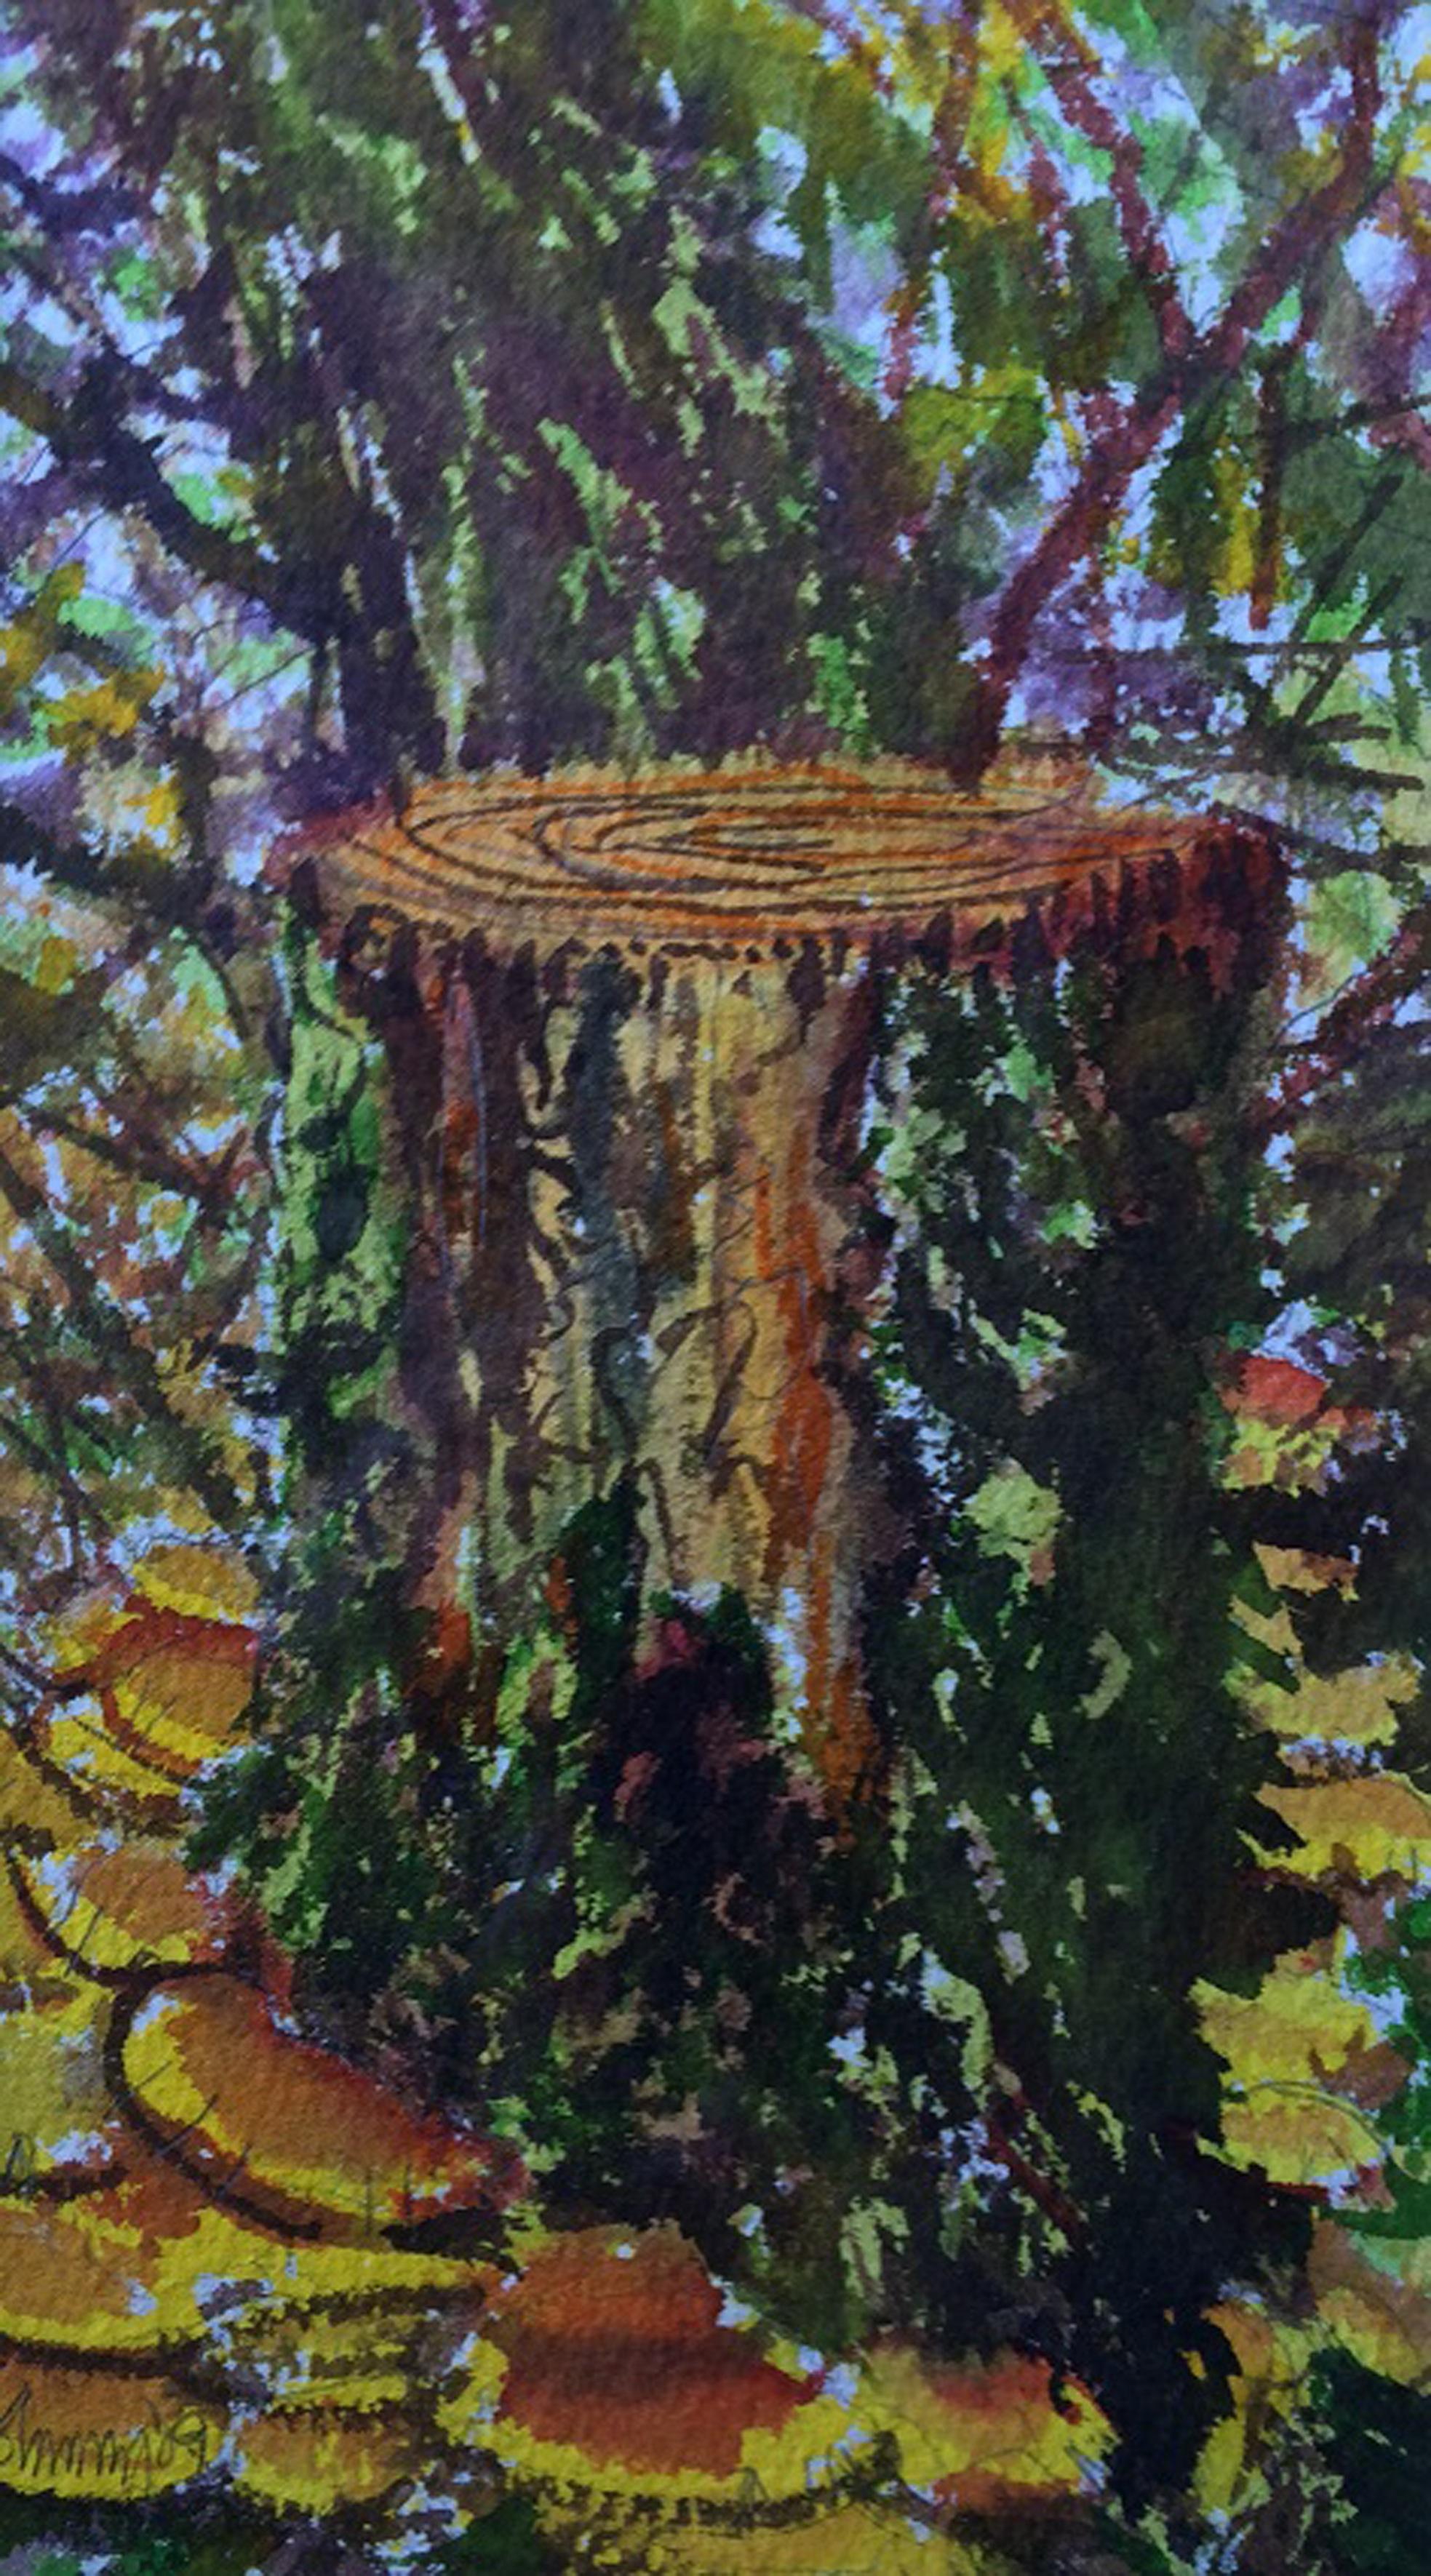 Fir Stump Fungus